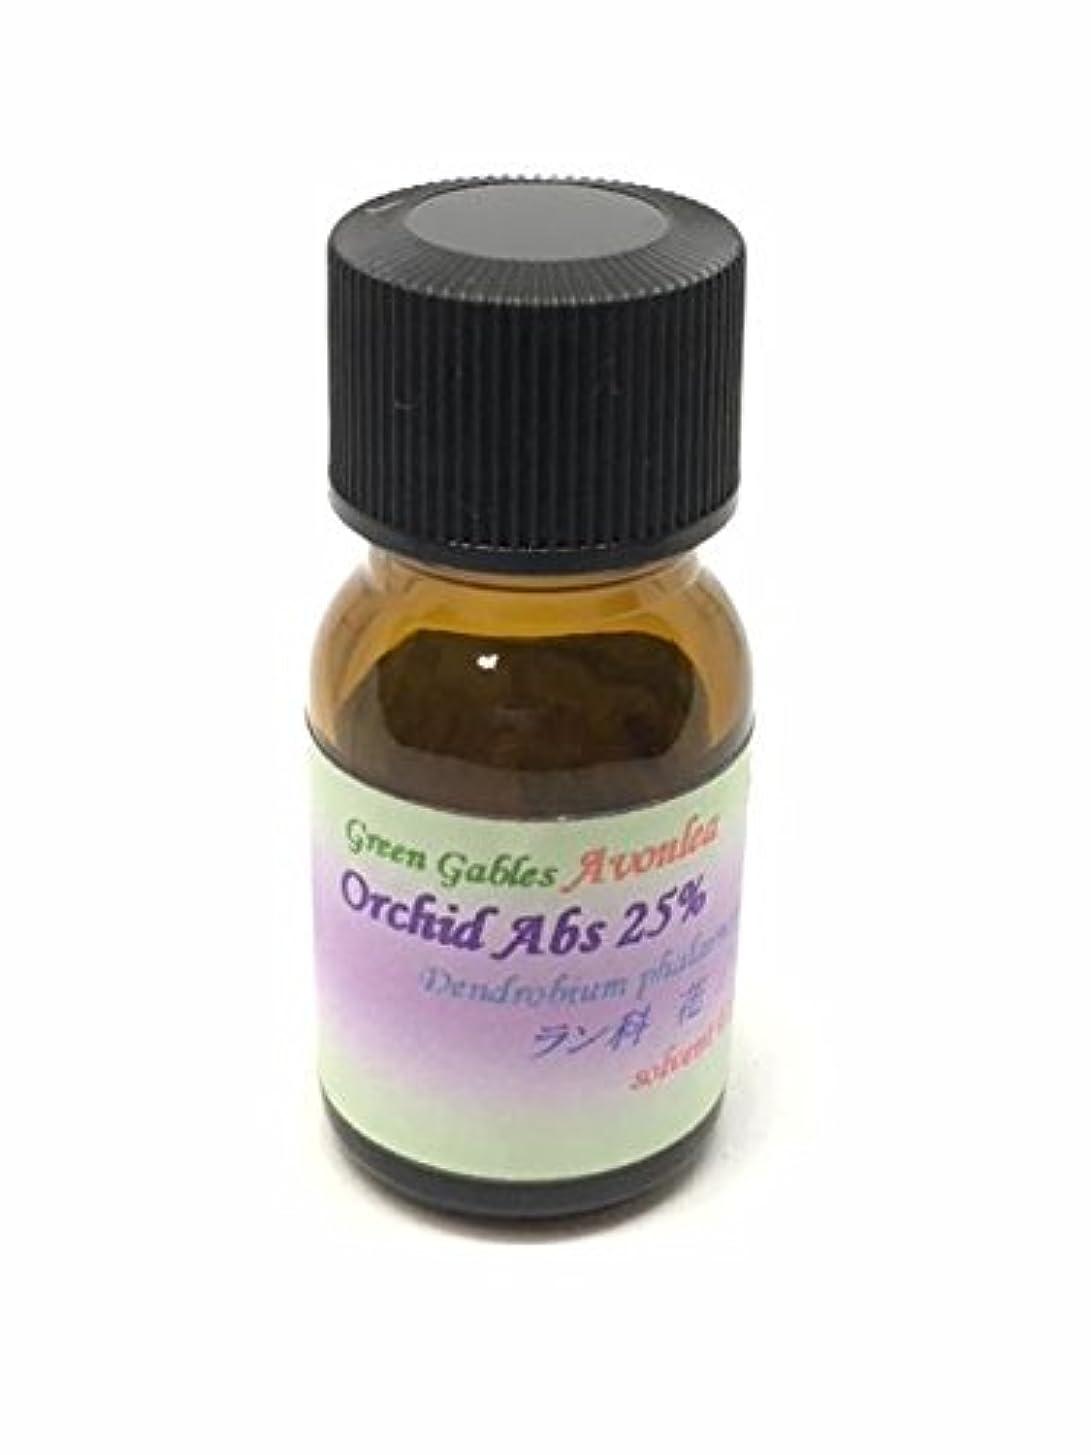 仮説フォアマンワーカーオーキッドAbs25%エッセンシャルオイル精油(希釈精油)orchidAbs25% (30ml)